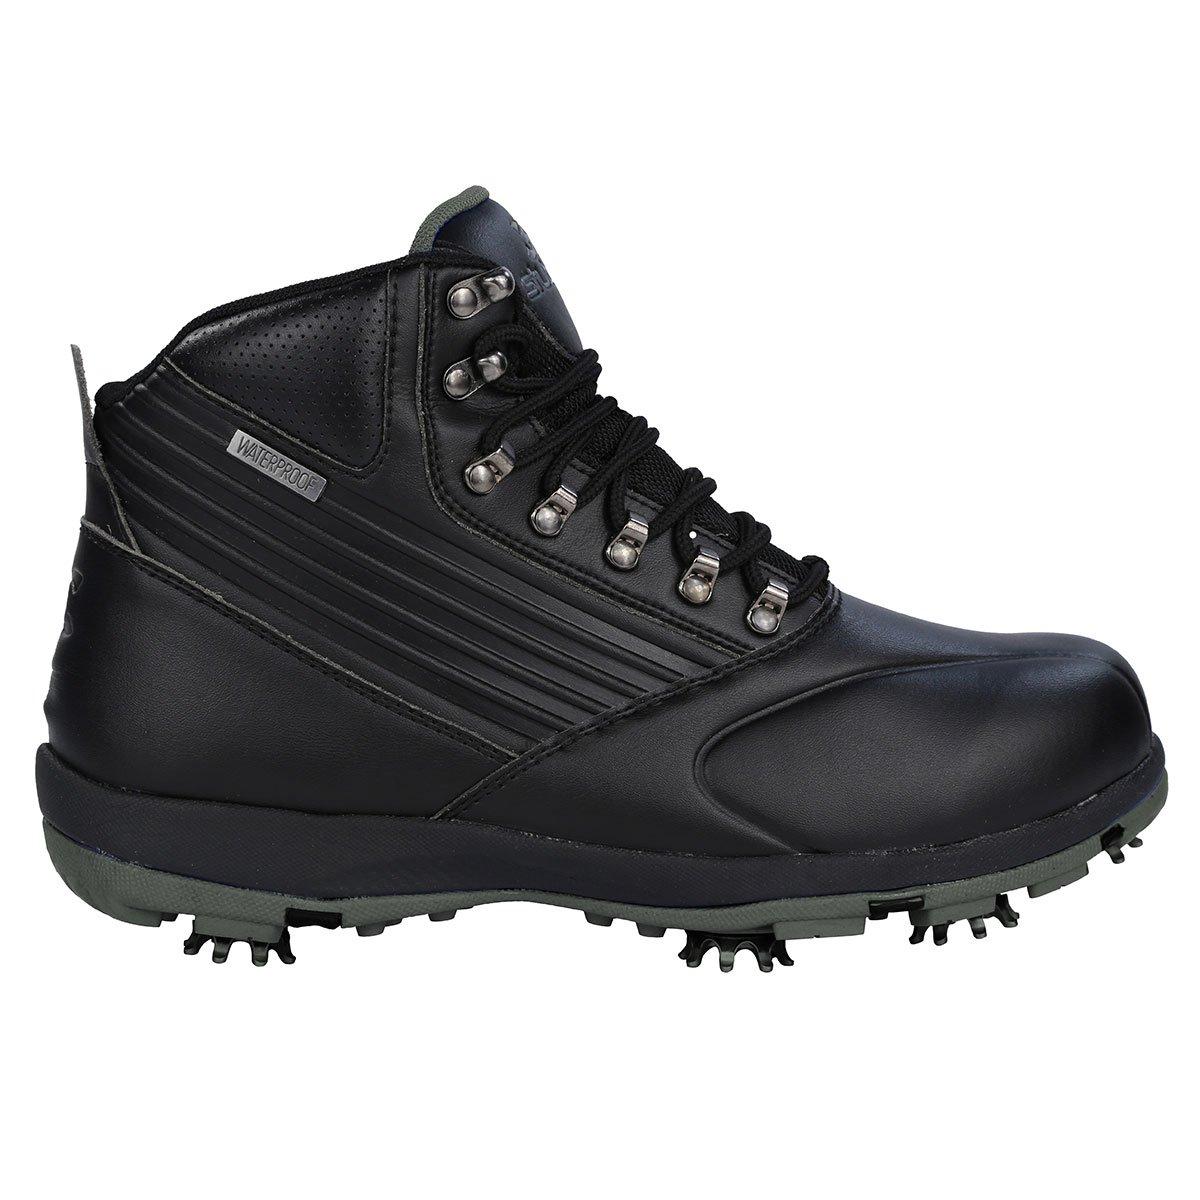 Stuburt 2017 Endurance Waterproof Mens Golf Shoes Winter Boots 5b222d87f